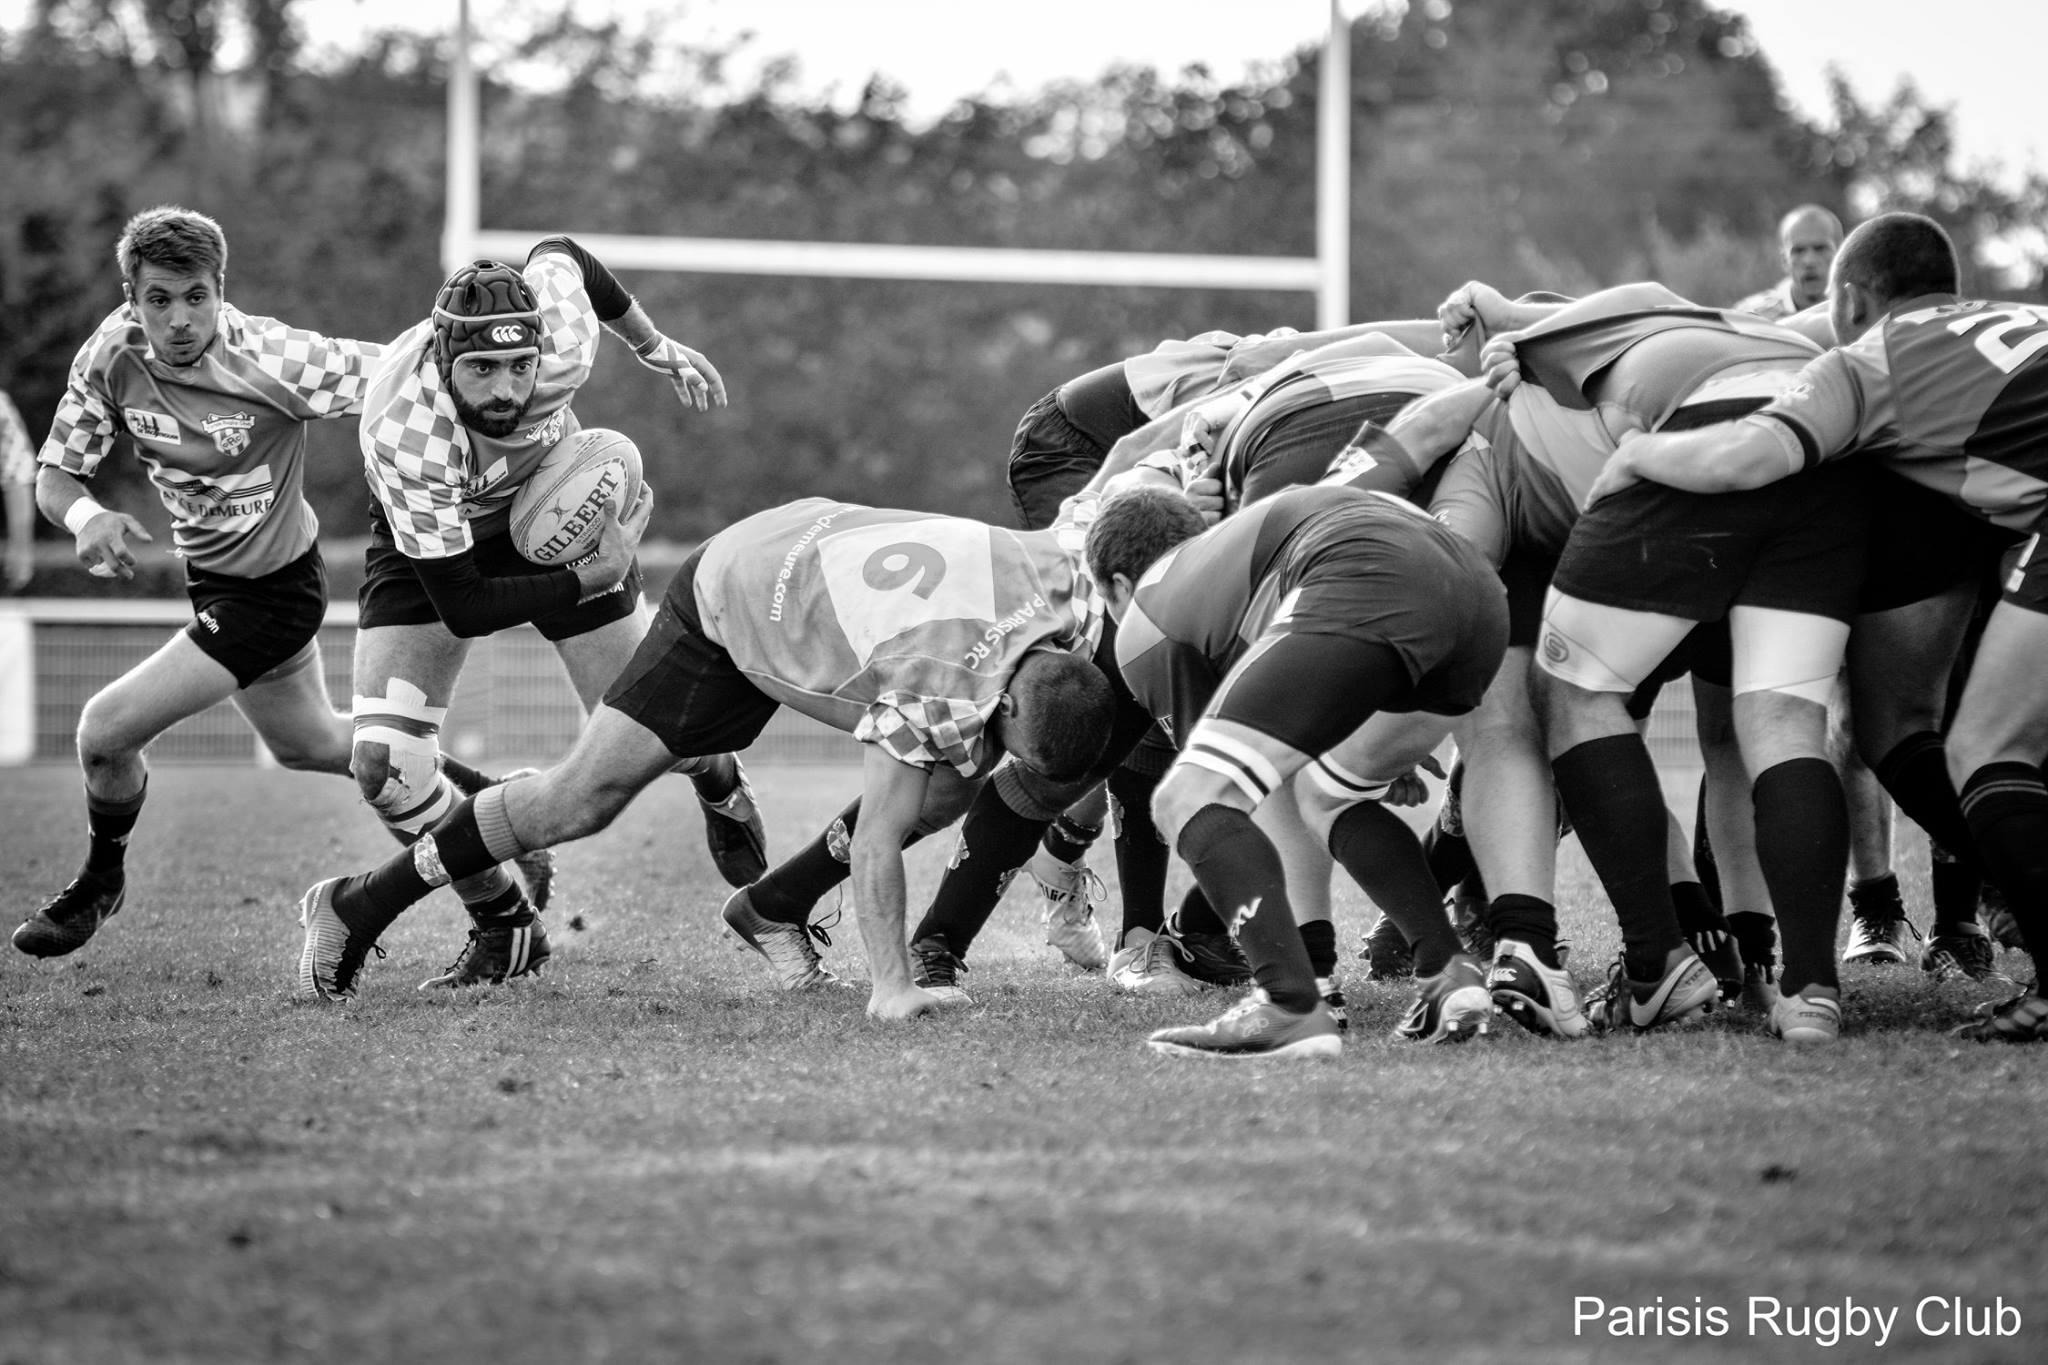 Crédit photo : Parisis Rugby Club